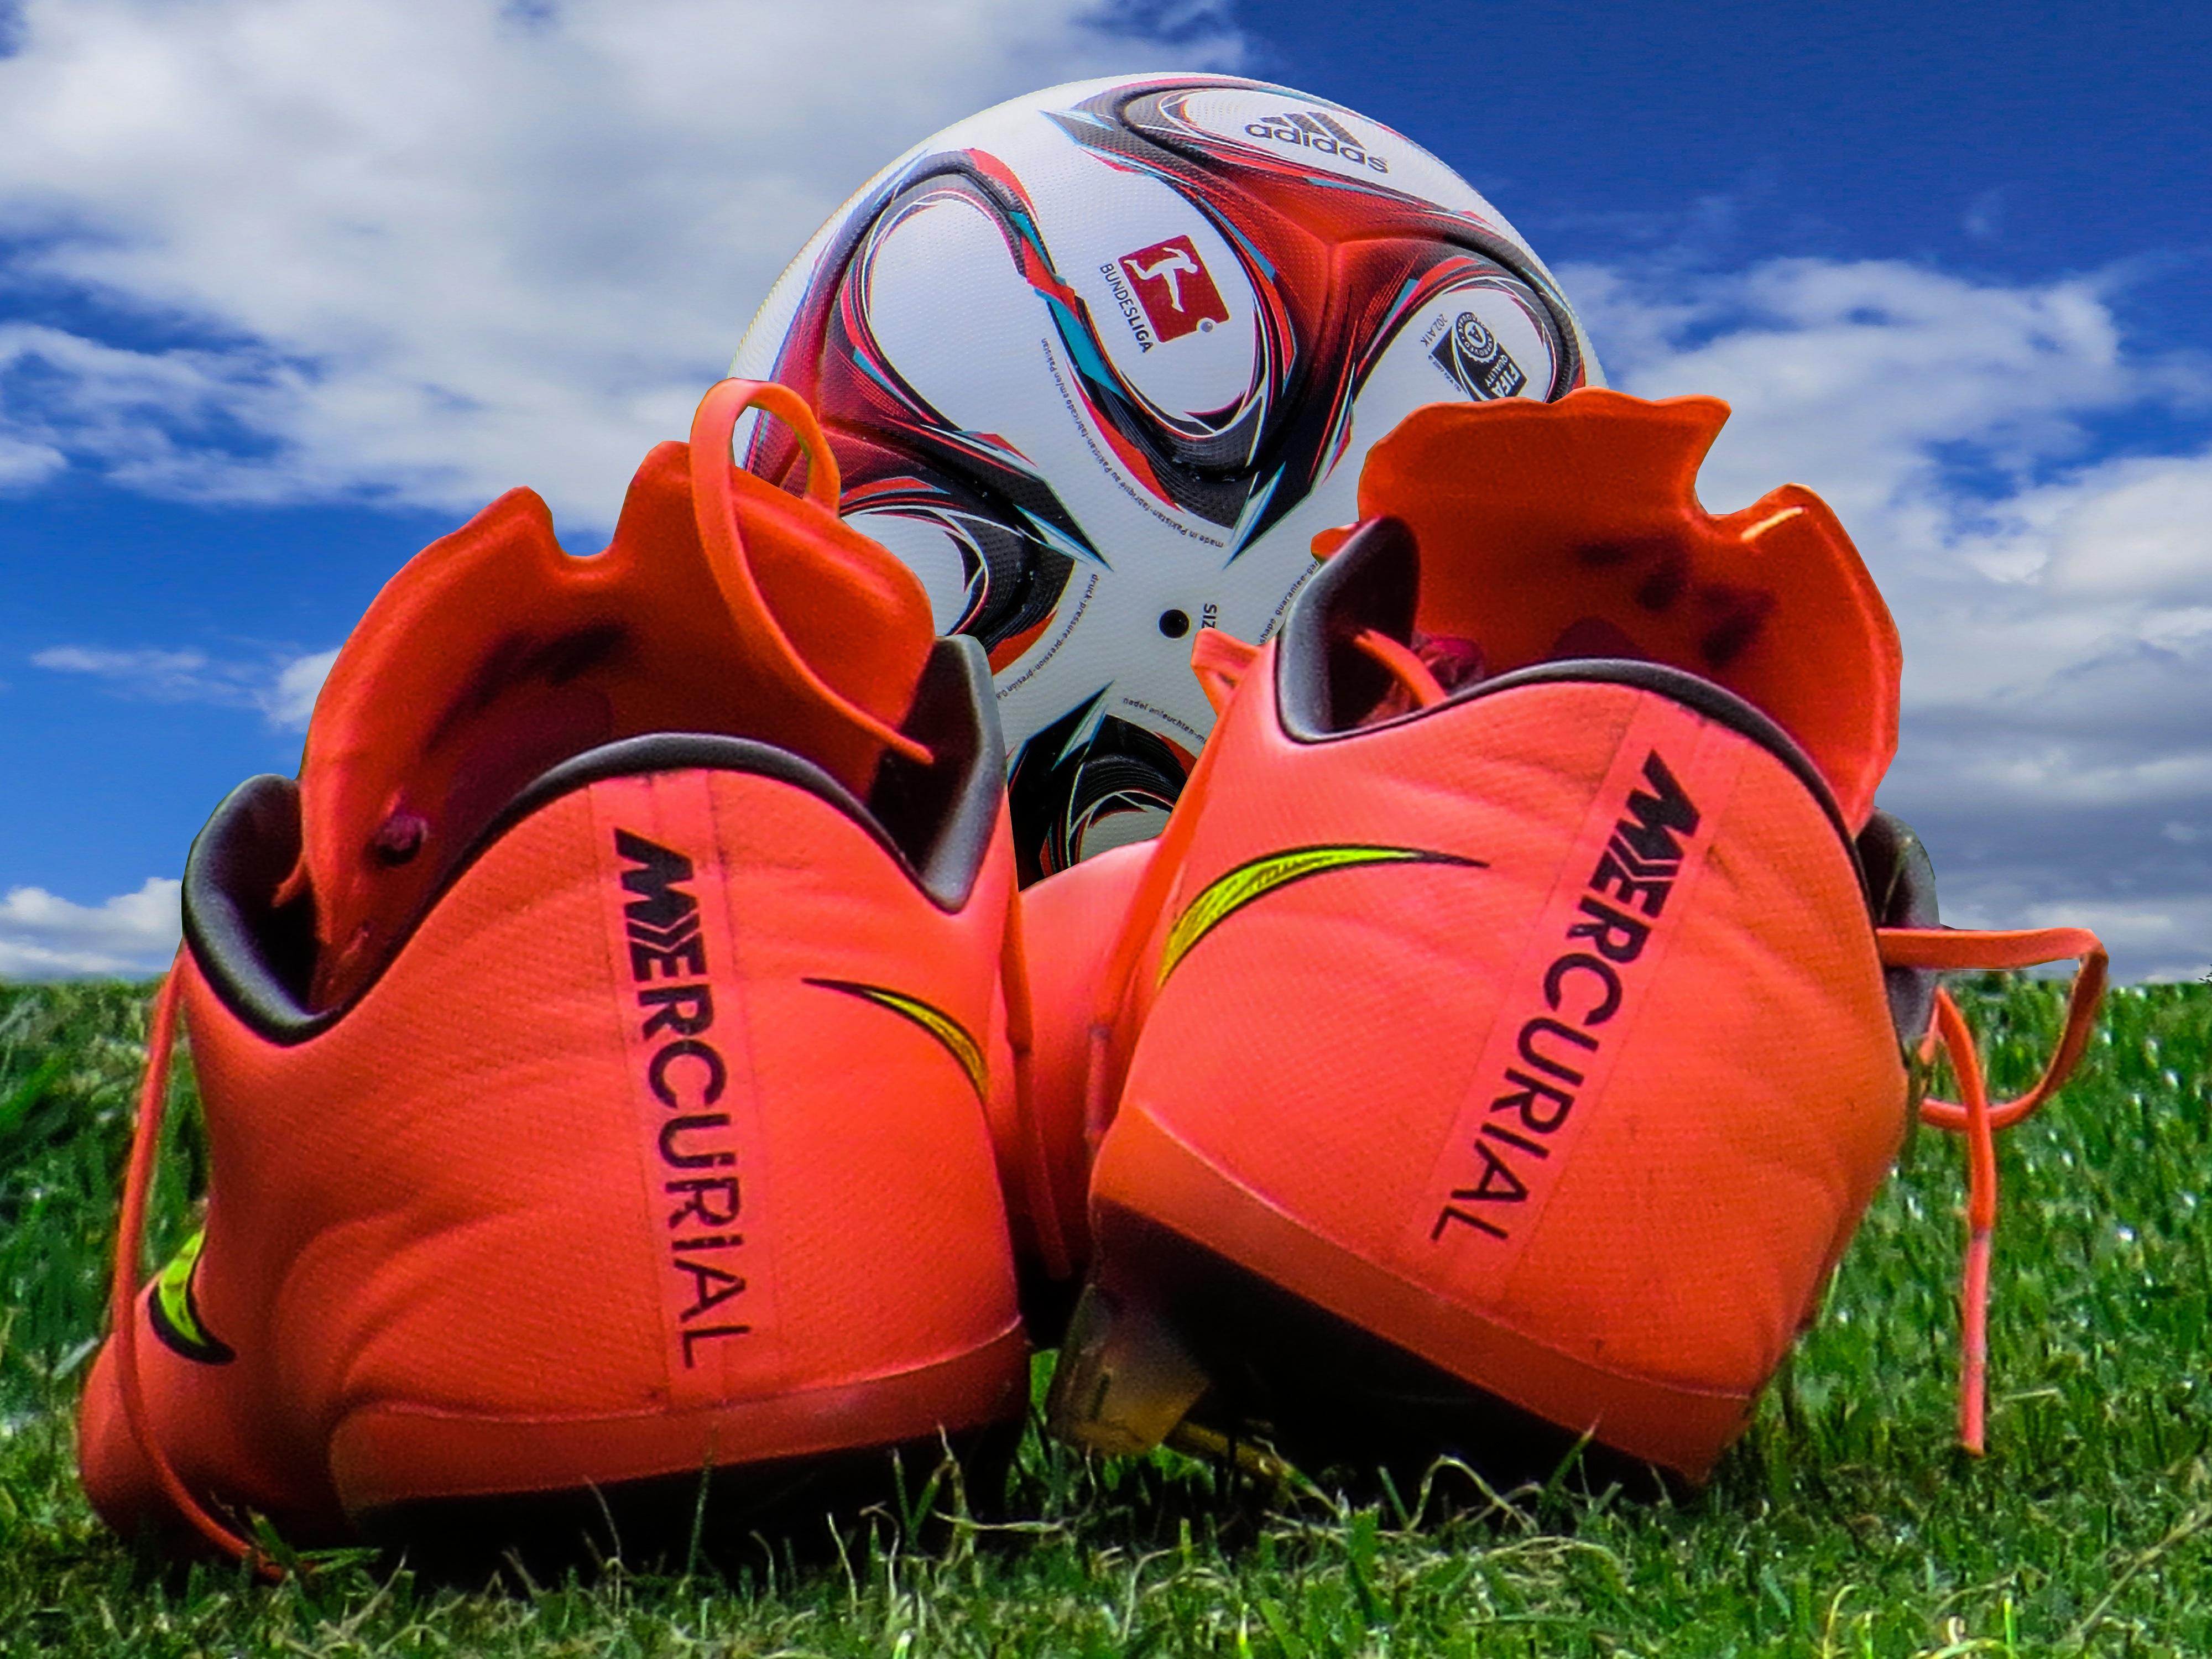 51461 Hintergrundbild herunterladen Sport, Fußball, Ball, Stollen, Schuhe - Bildschirmschoner und Bilder kostenlos